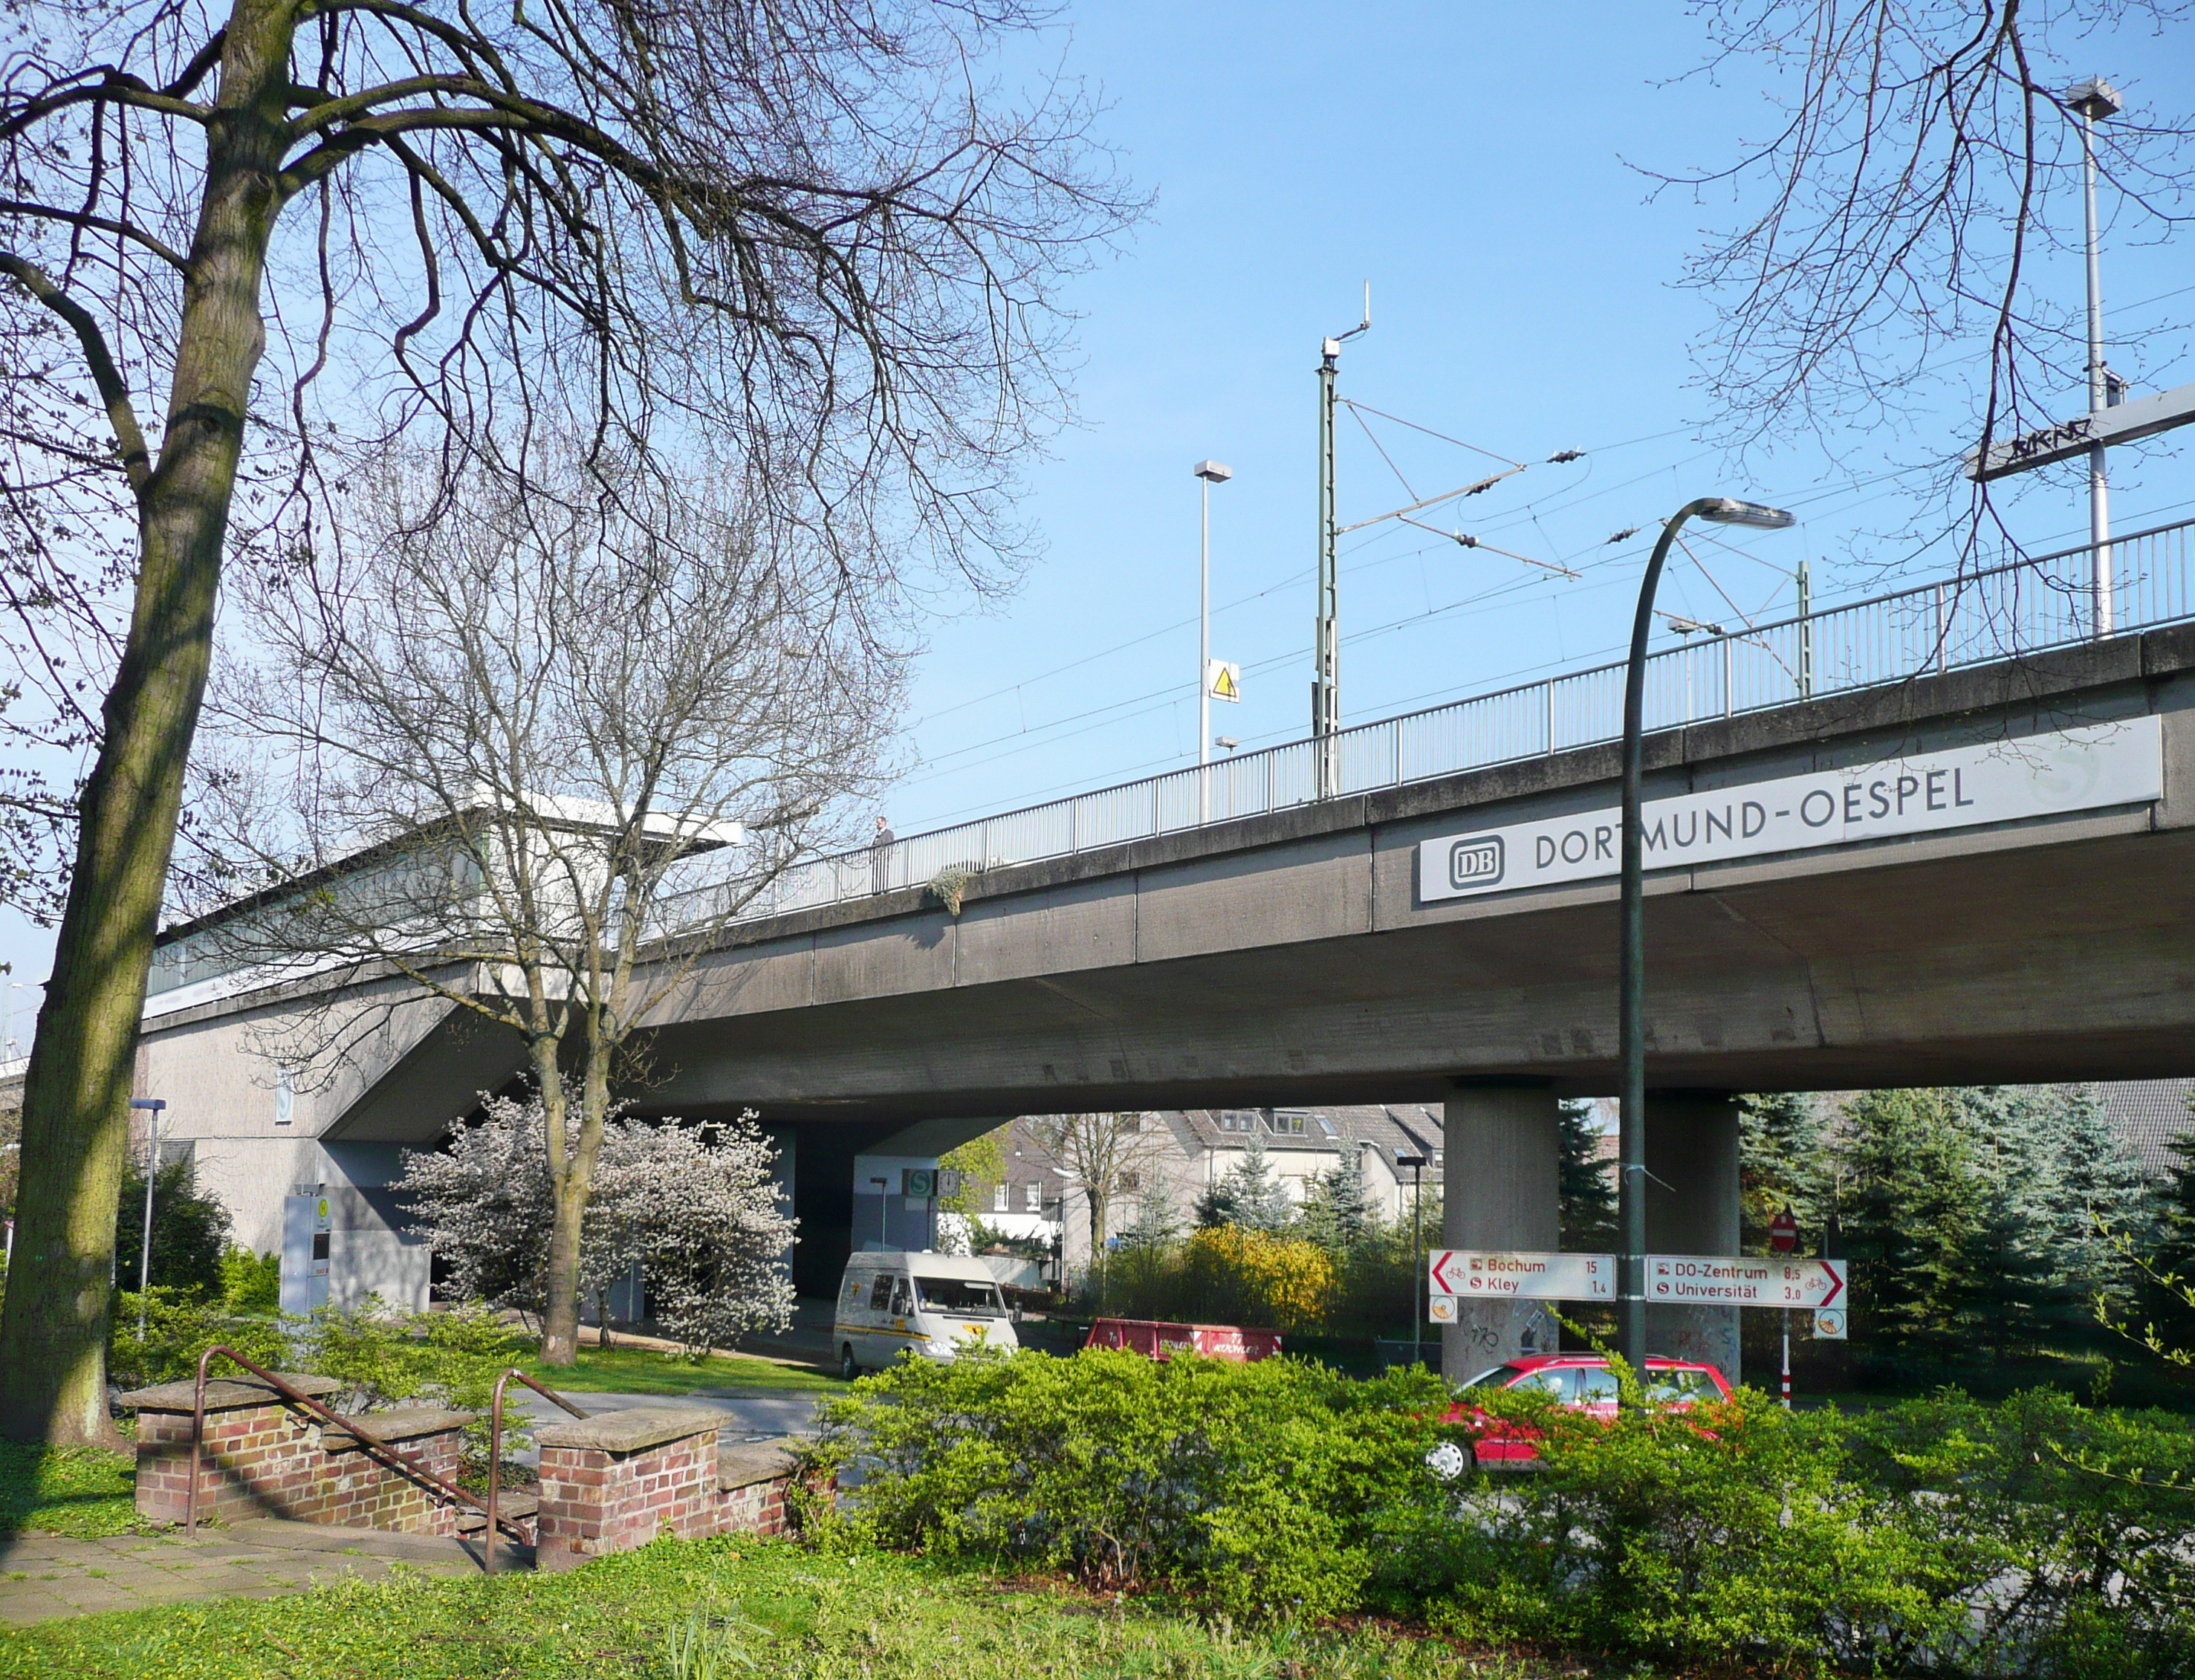 Station Dortmund-Oespel